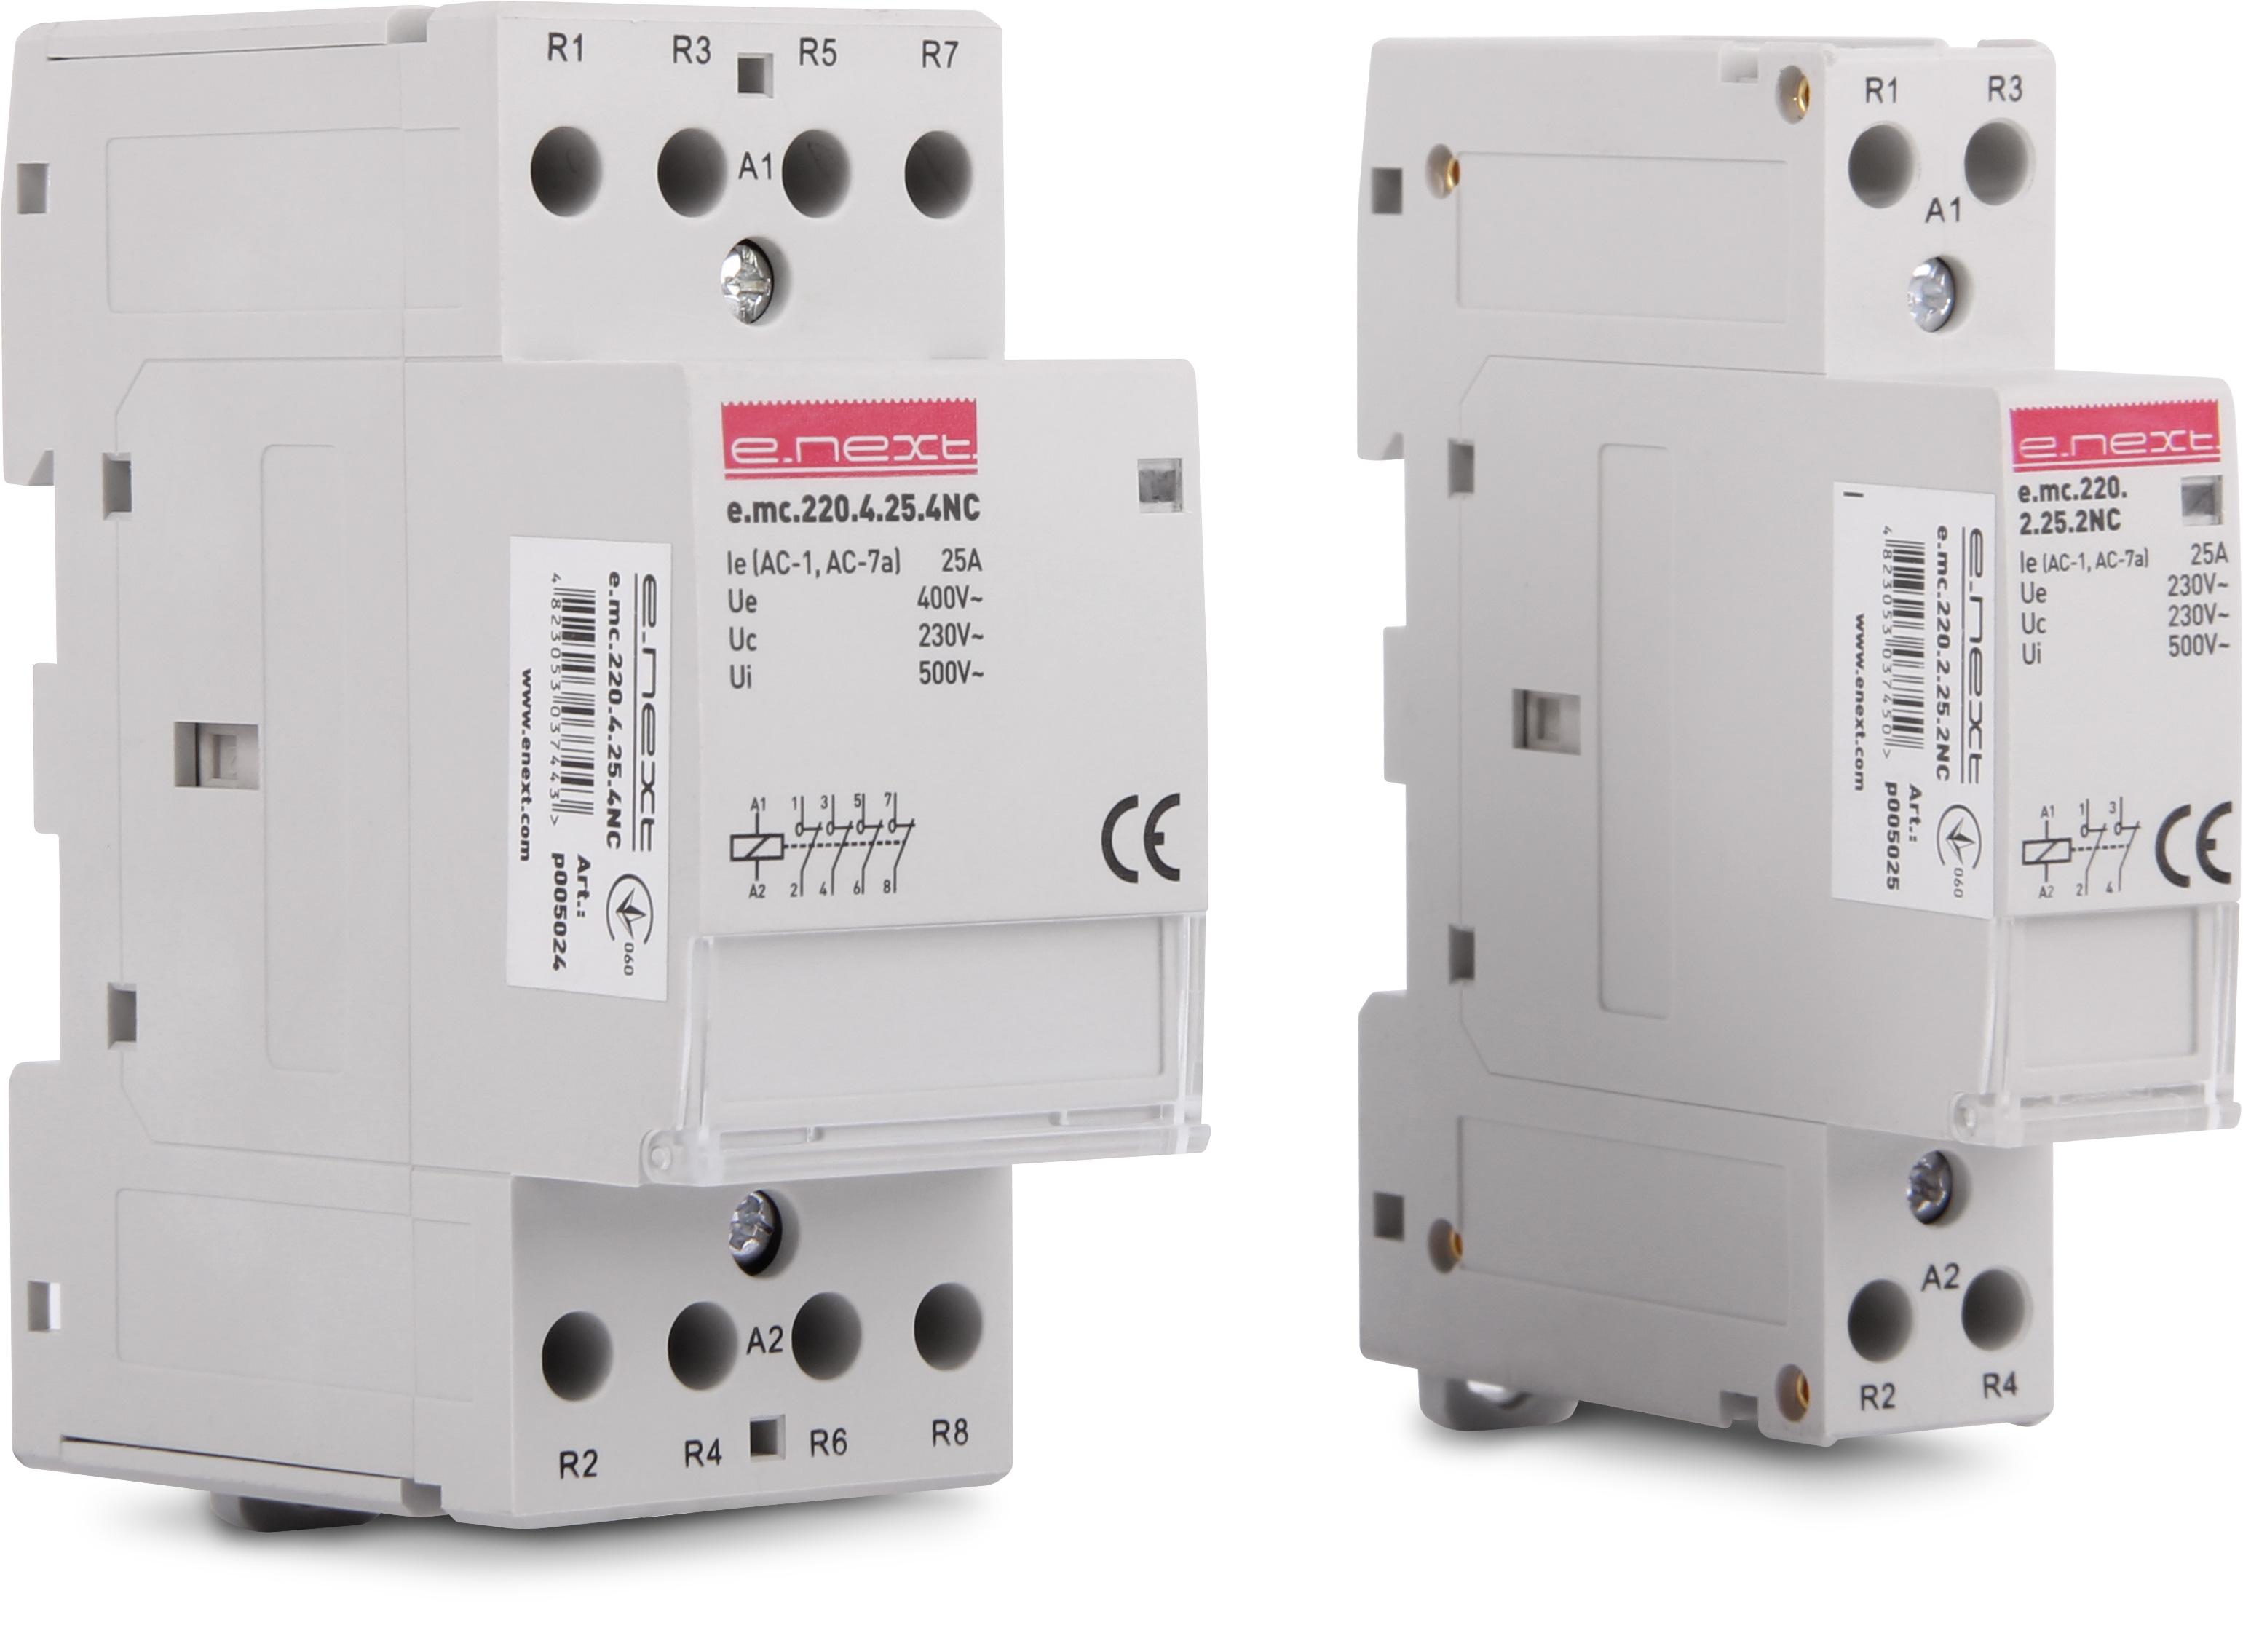 Полная линейка модульных контакторов компании ENEXT.